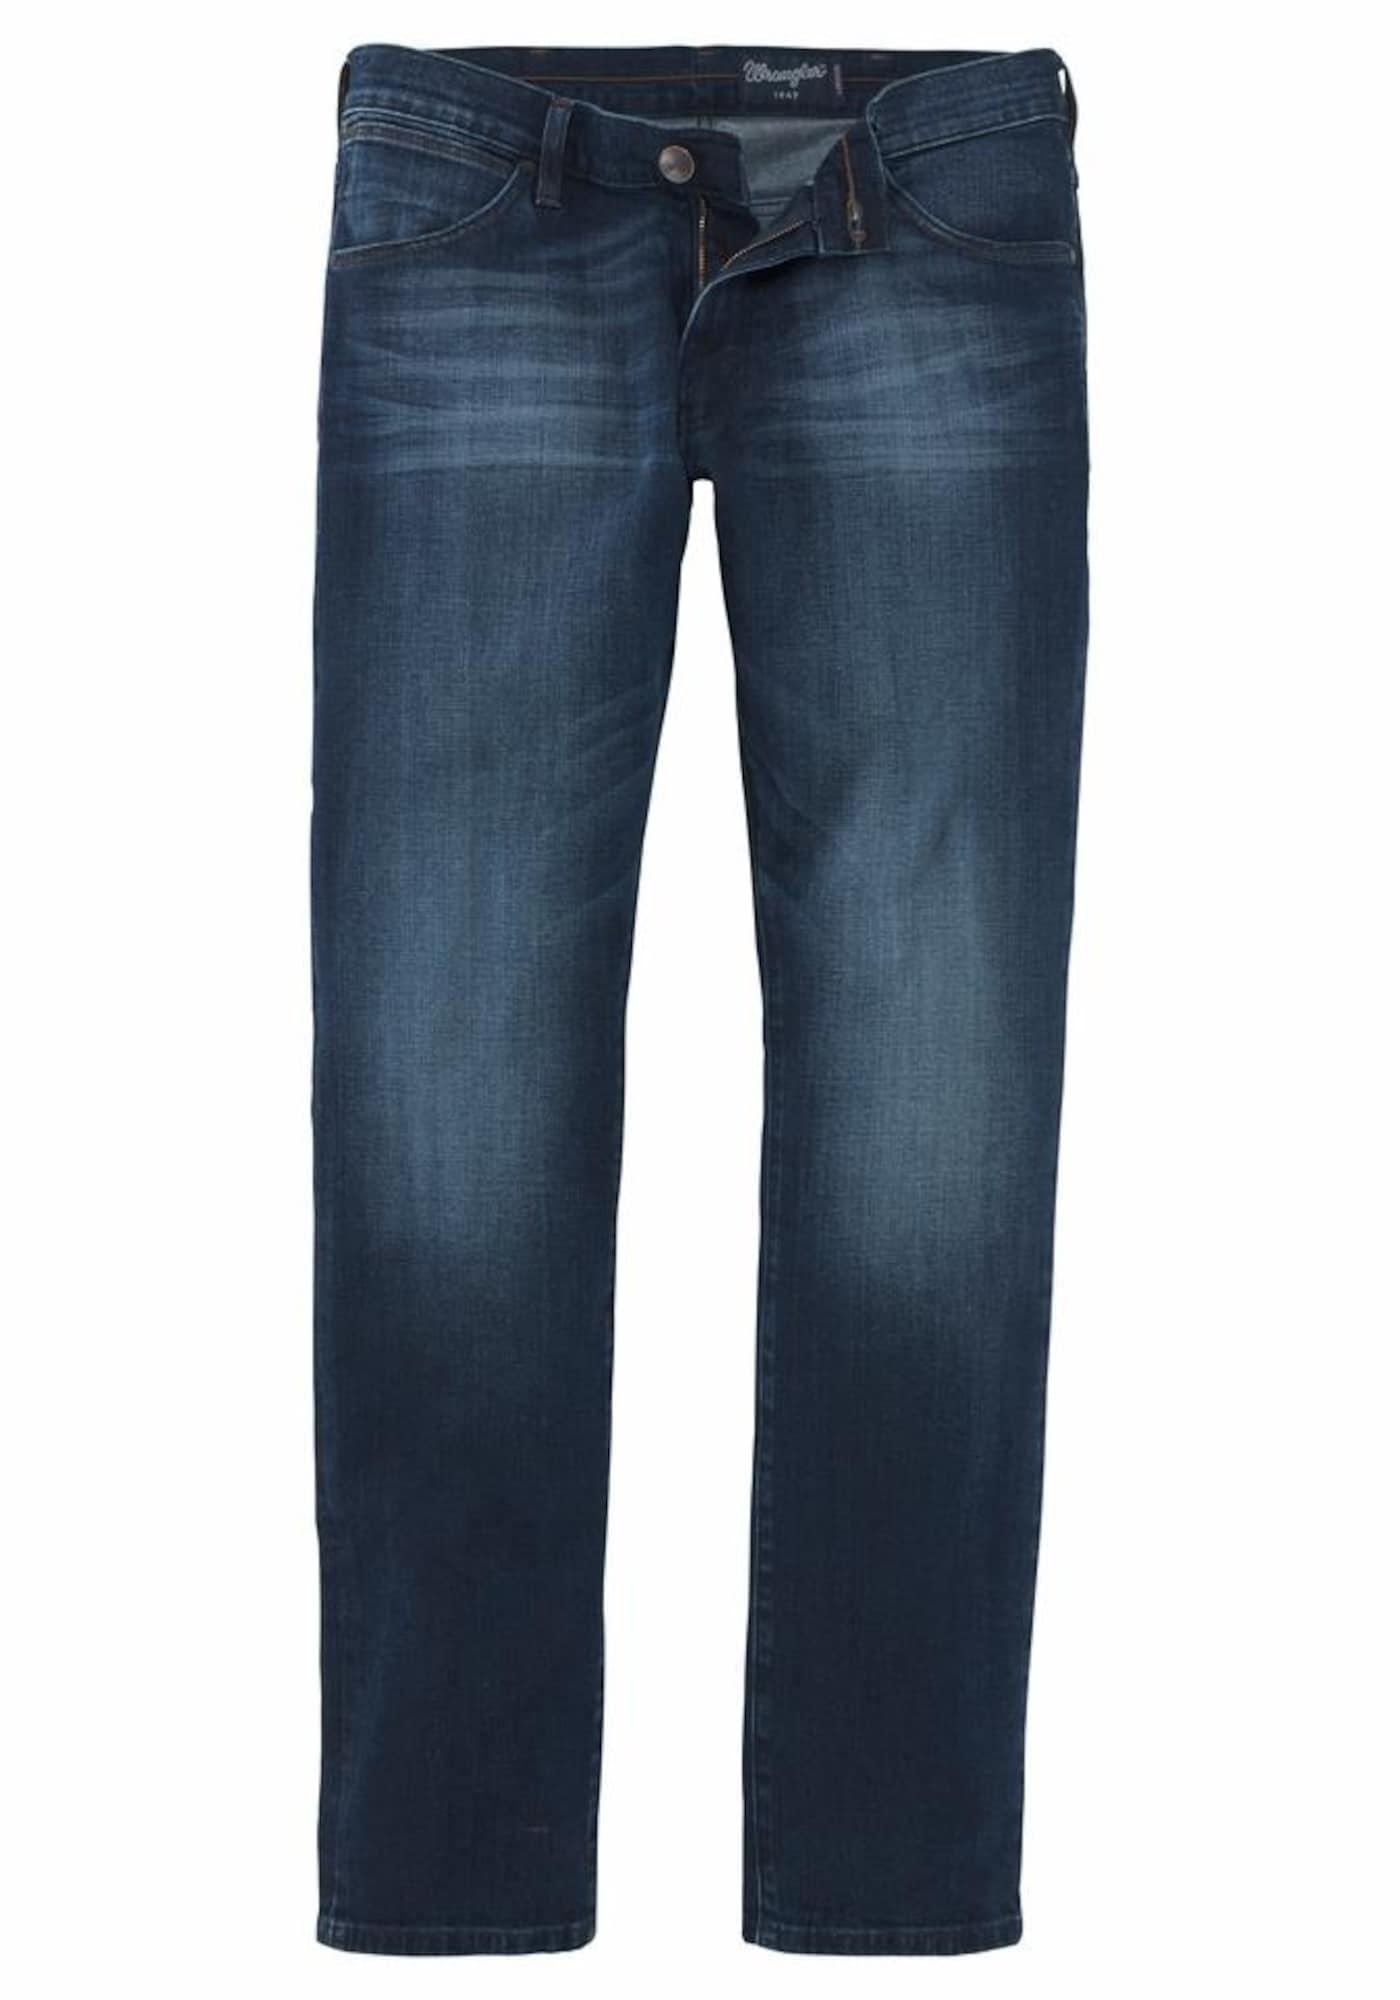 WRANGLER Heren Jeans Larston donkerblauw